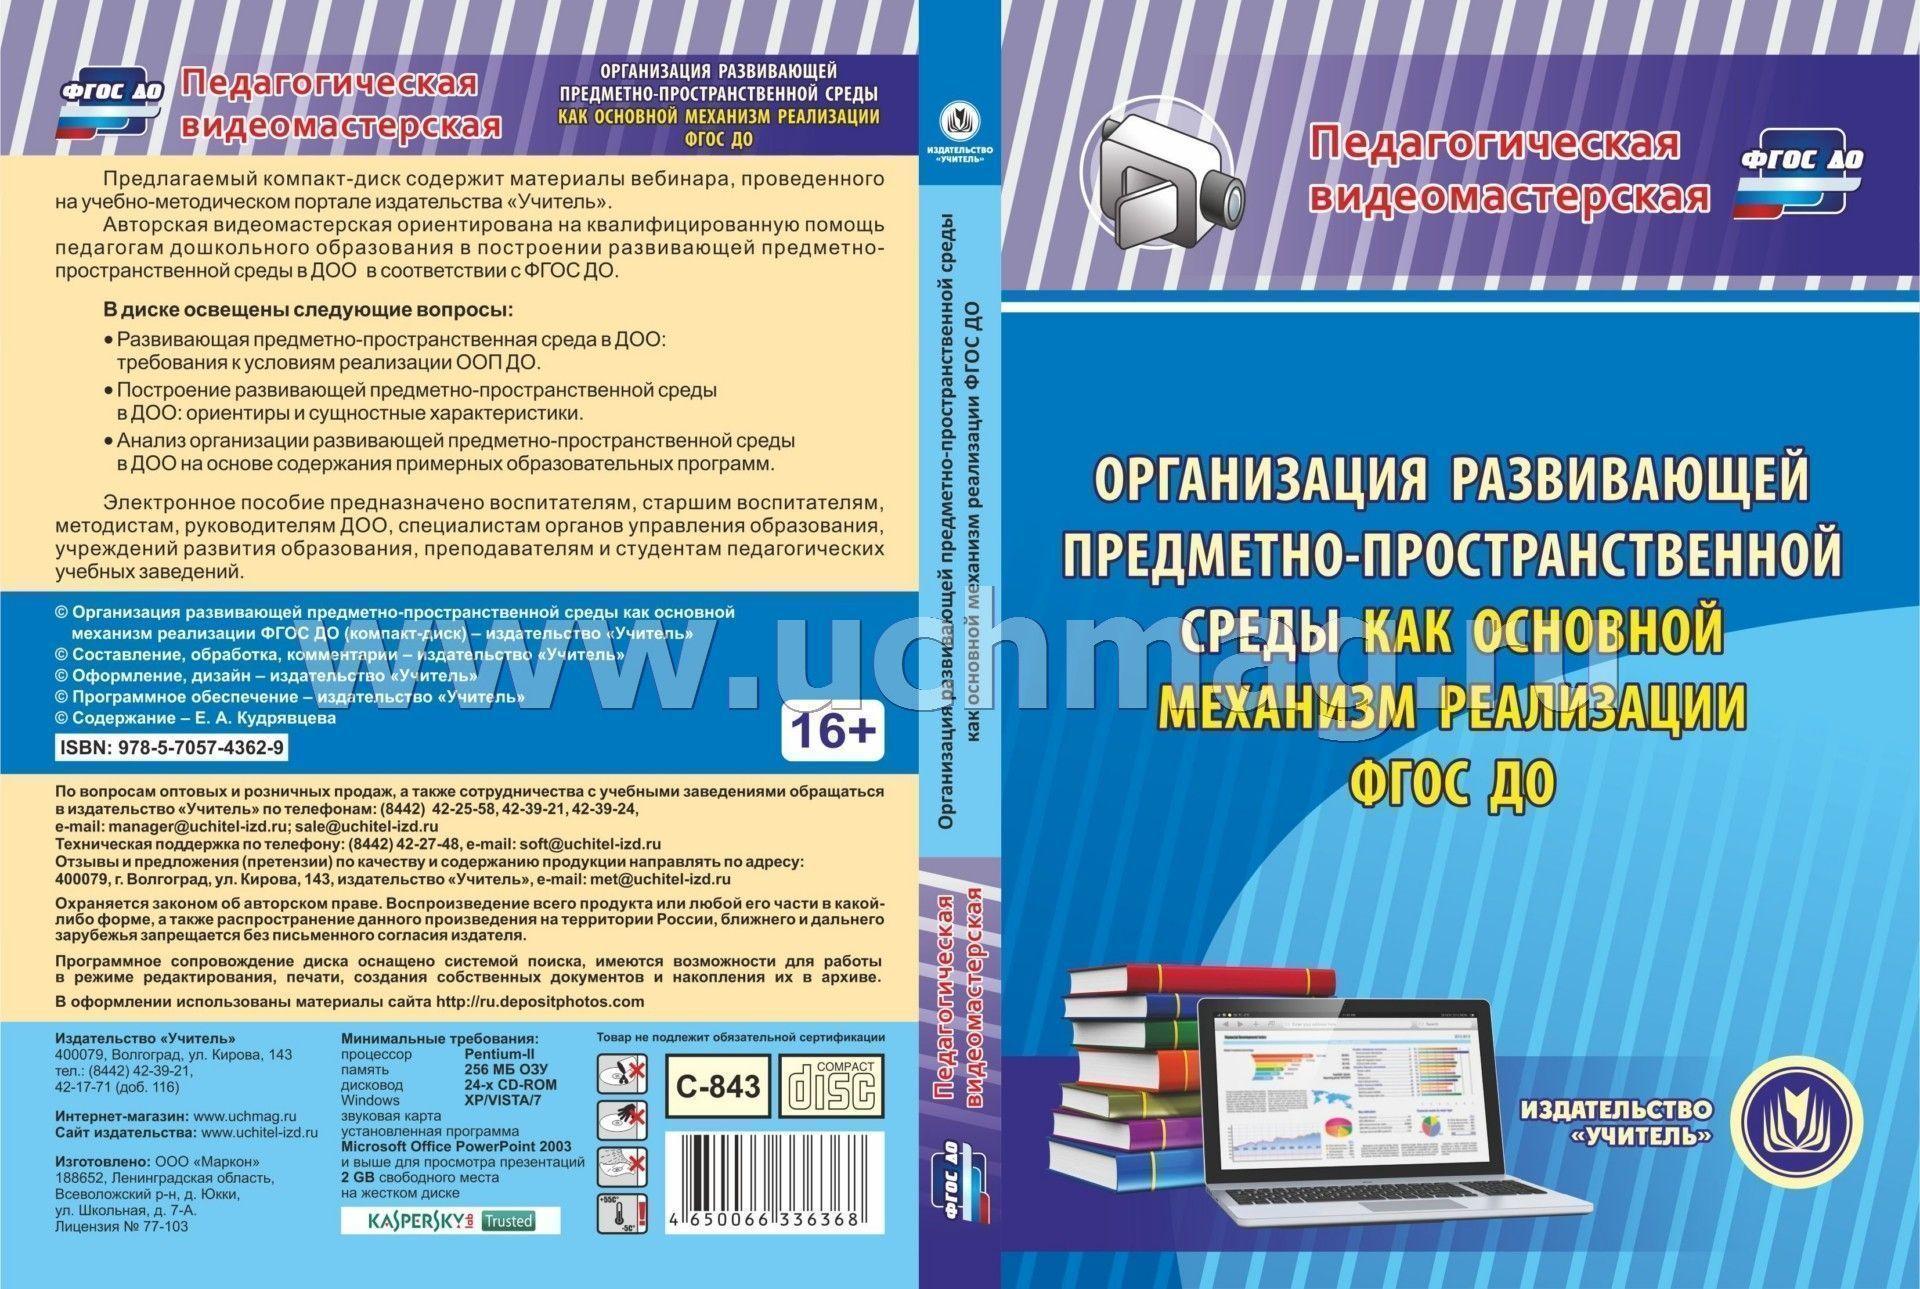 pasport-predmetno-prostranstvennoy-sredi-po-fgos